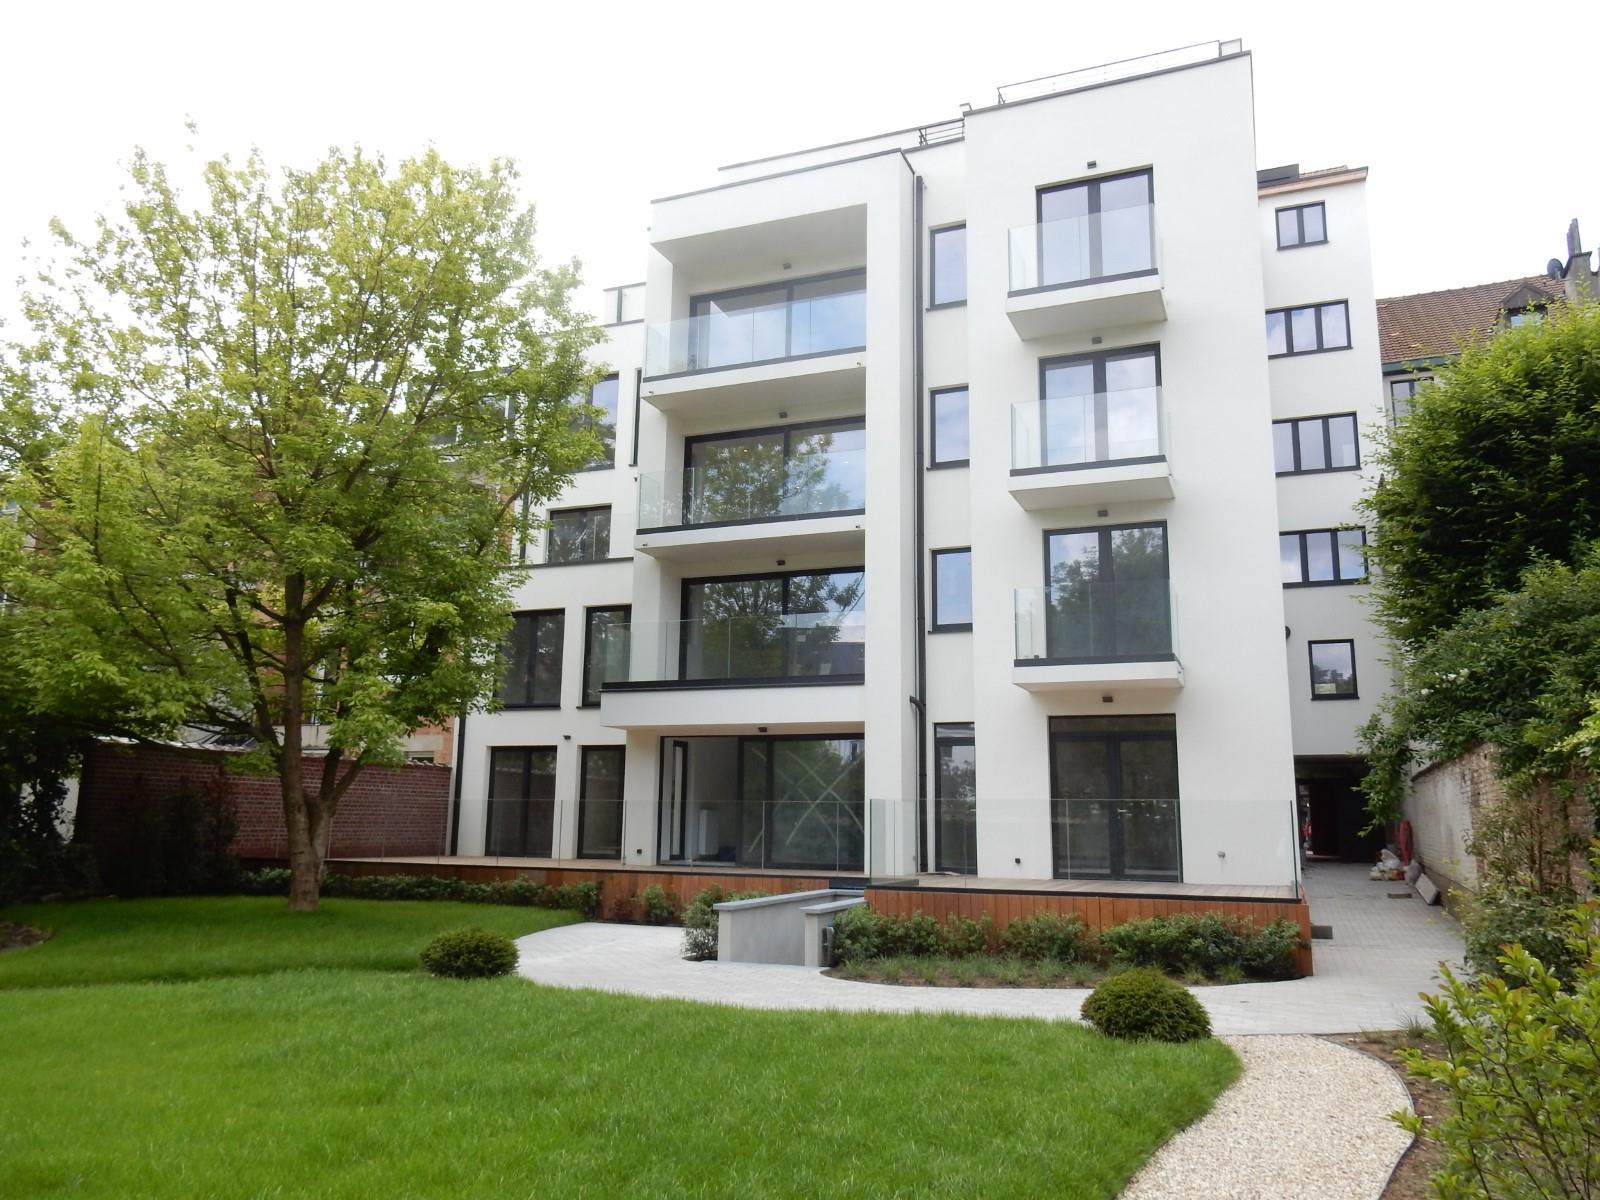 Appartement exceptionnel - Ixelles - #3791385-0